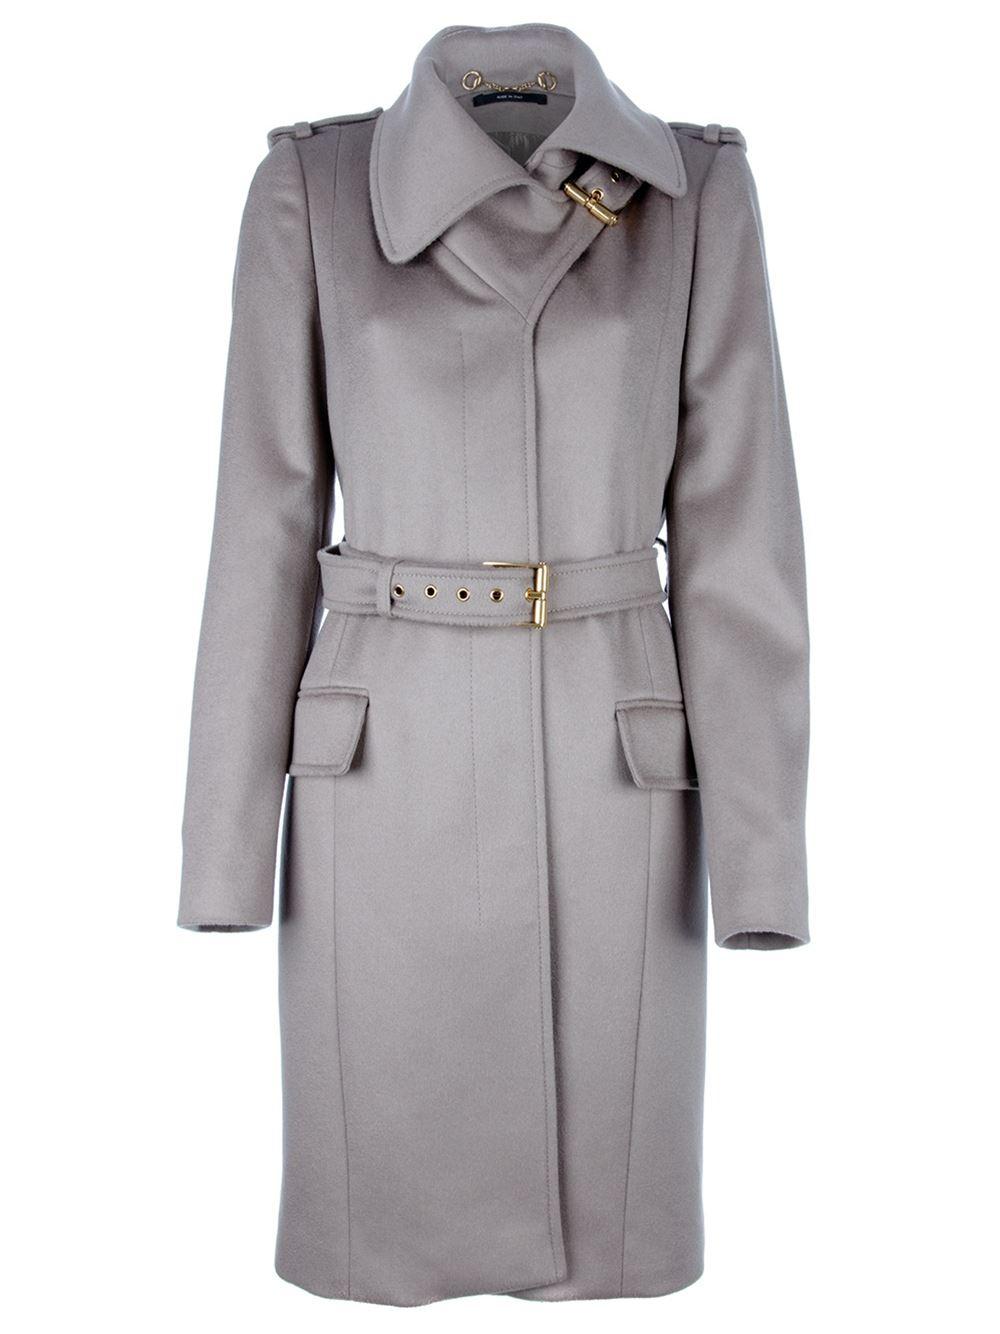 Gucci Belted Coat - - Farfetch.com